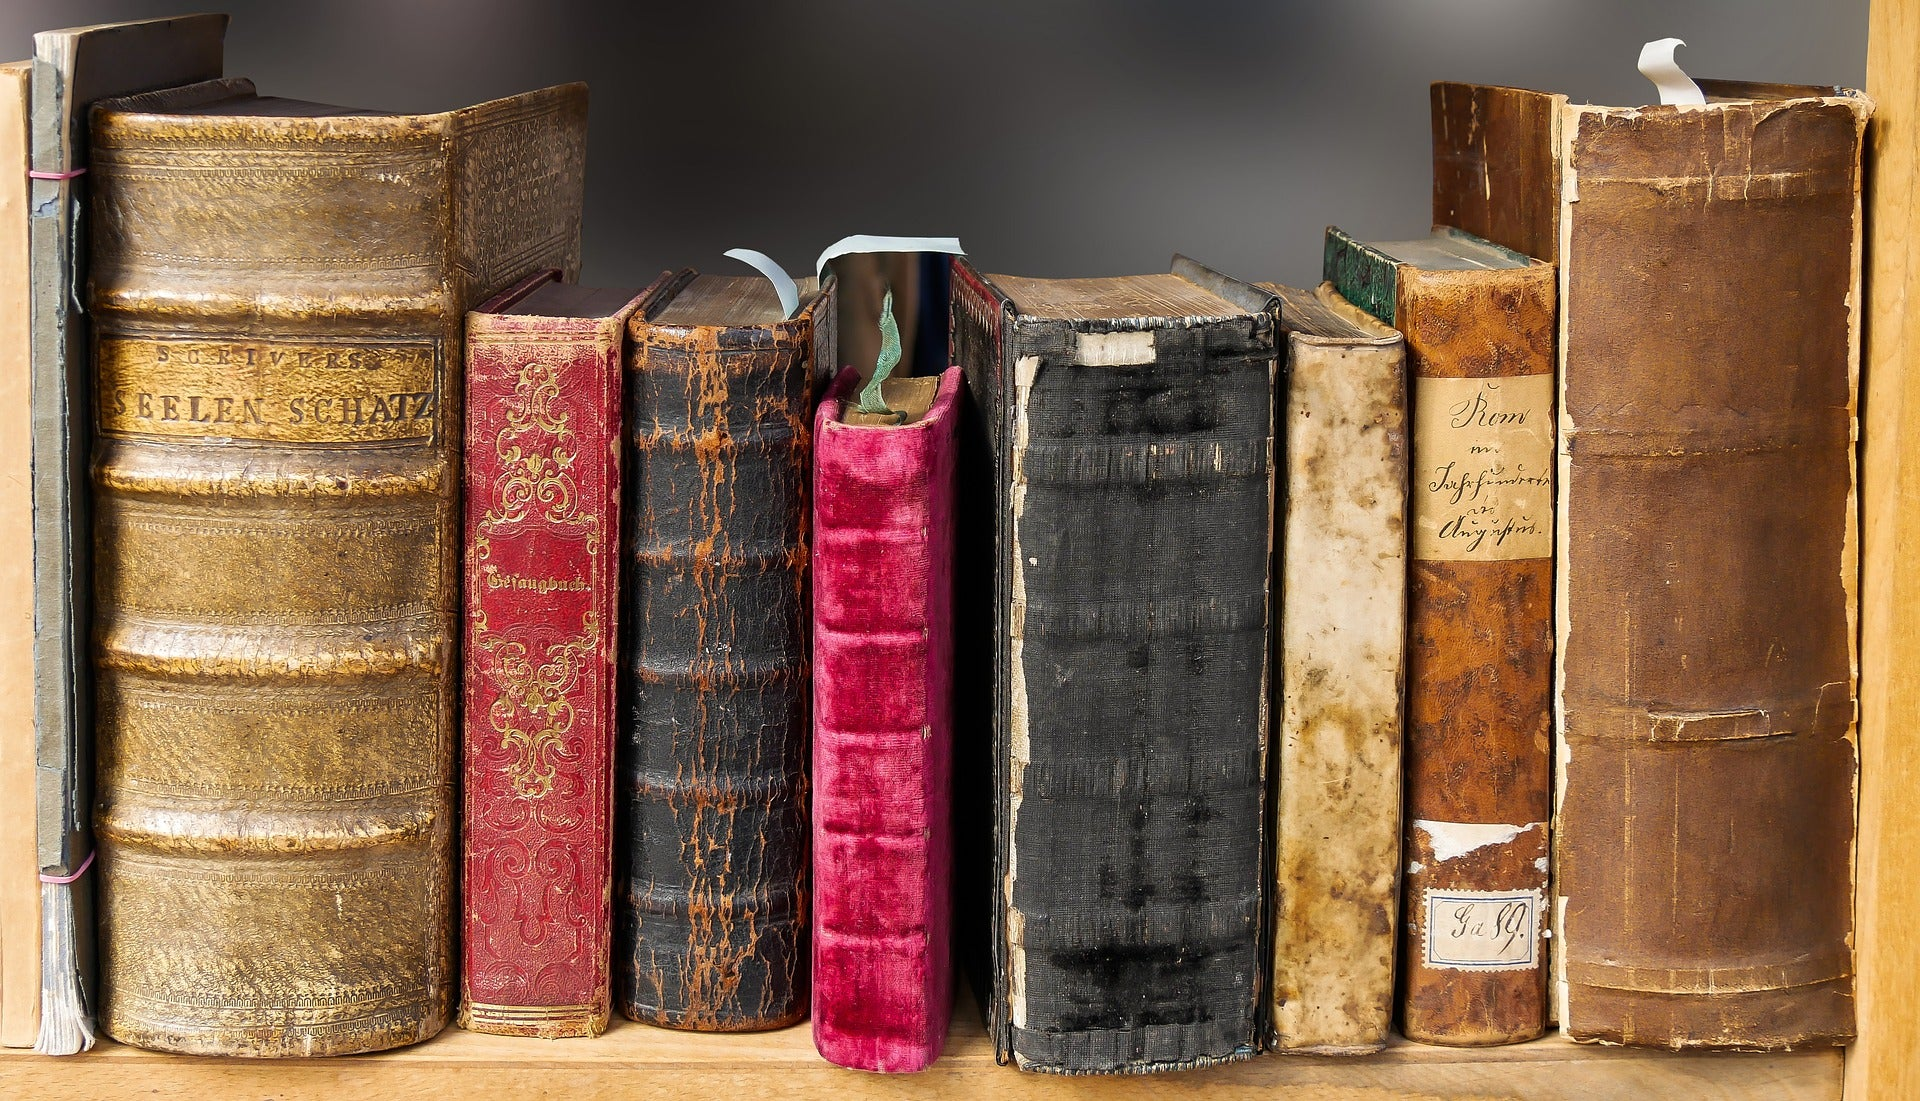 Punta Norte: De un biblioteca oculta durante mil años